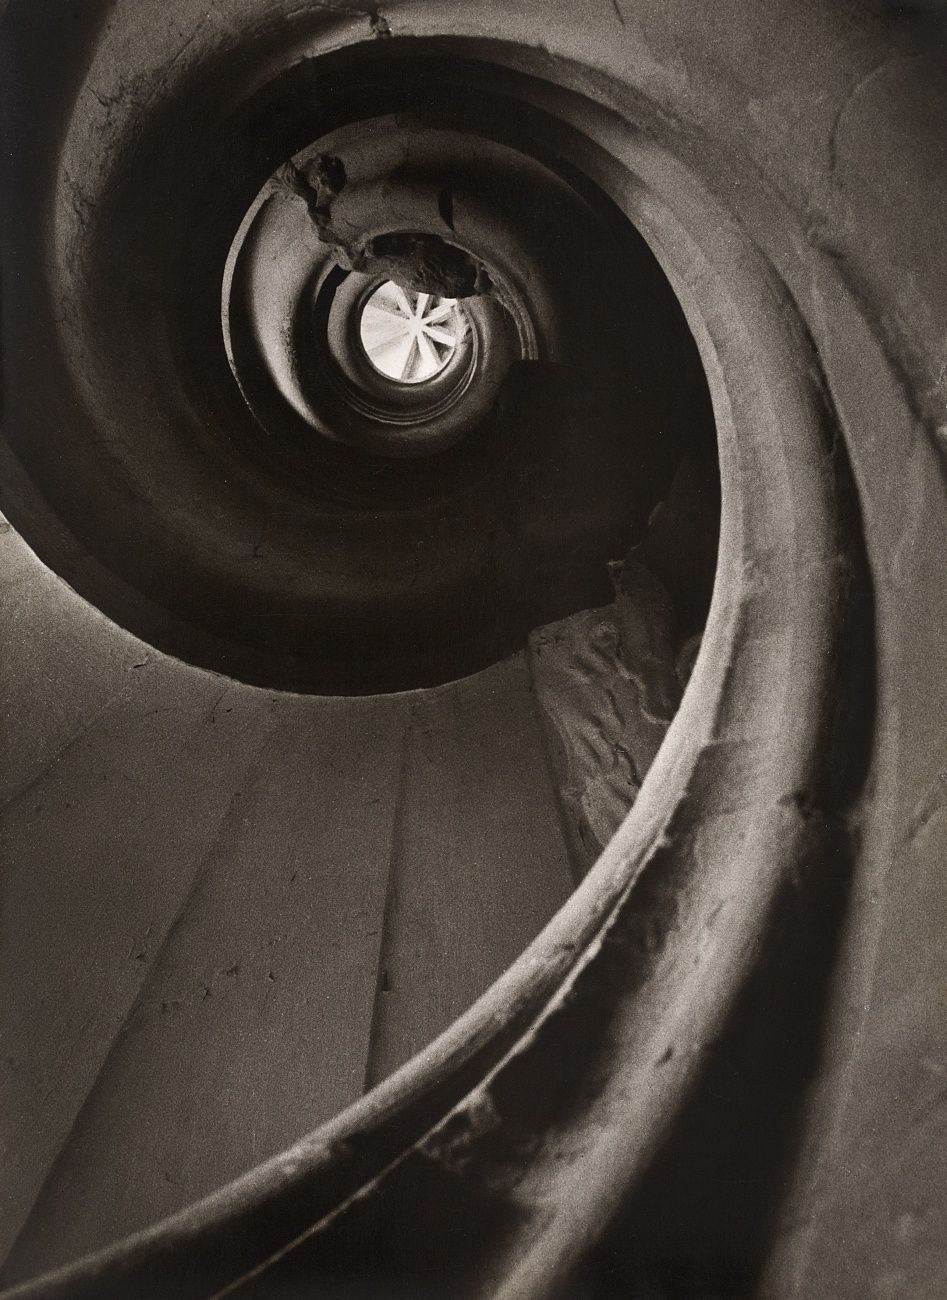 Spiral staircase in Bergzabern, 1950-1959, Ruth Hallensleben. Germany (1898 - 1977)